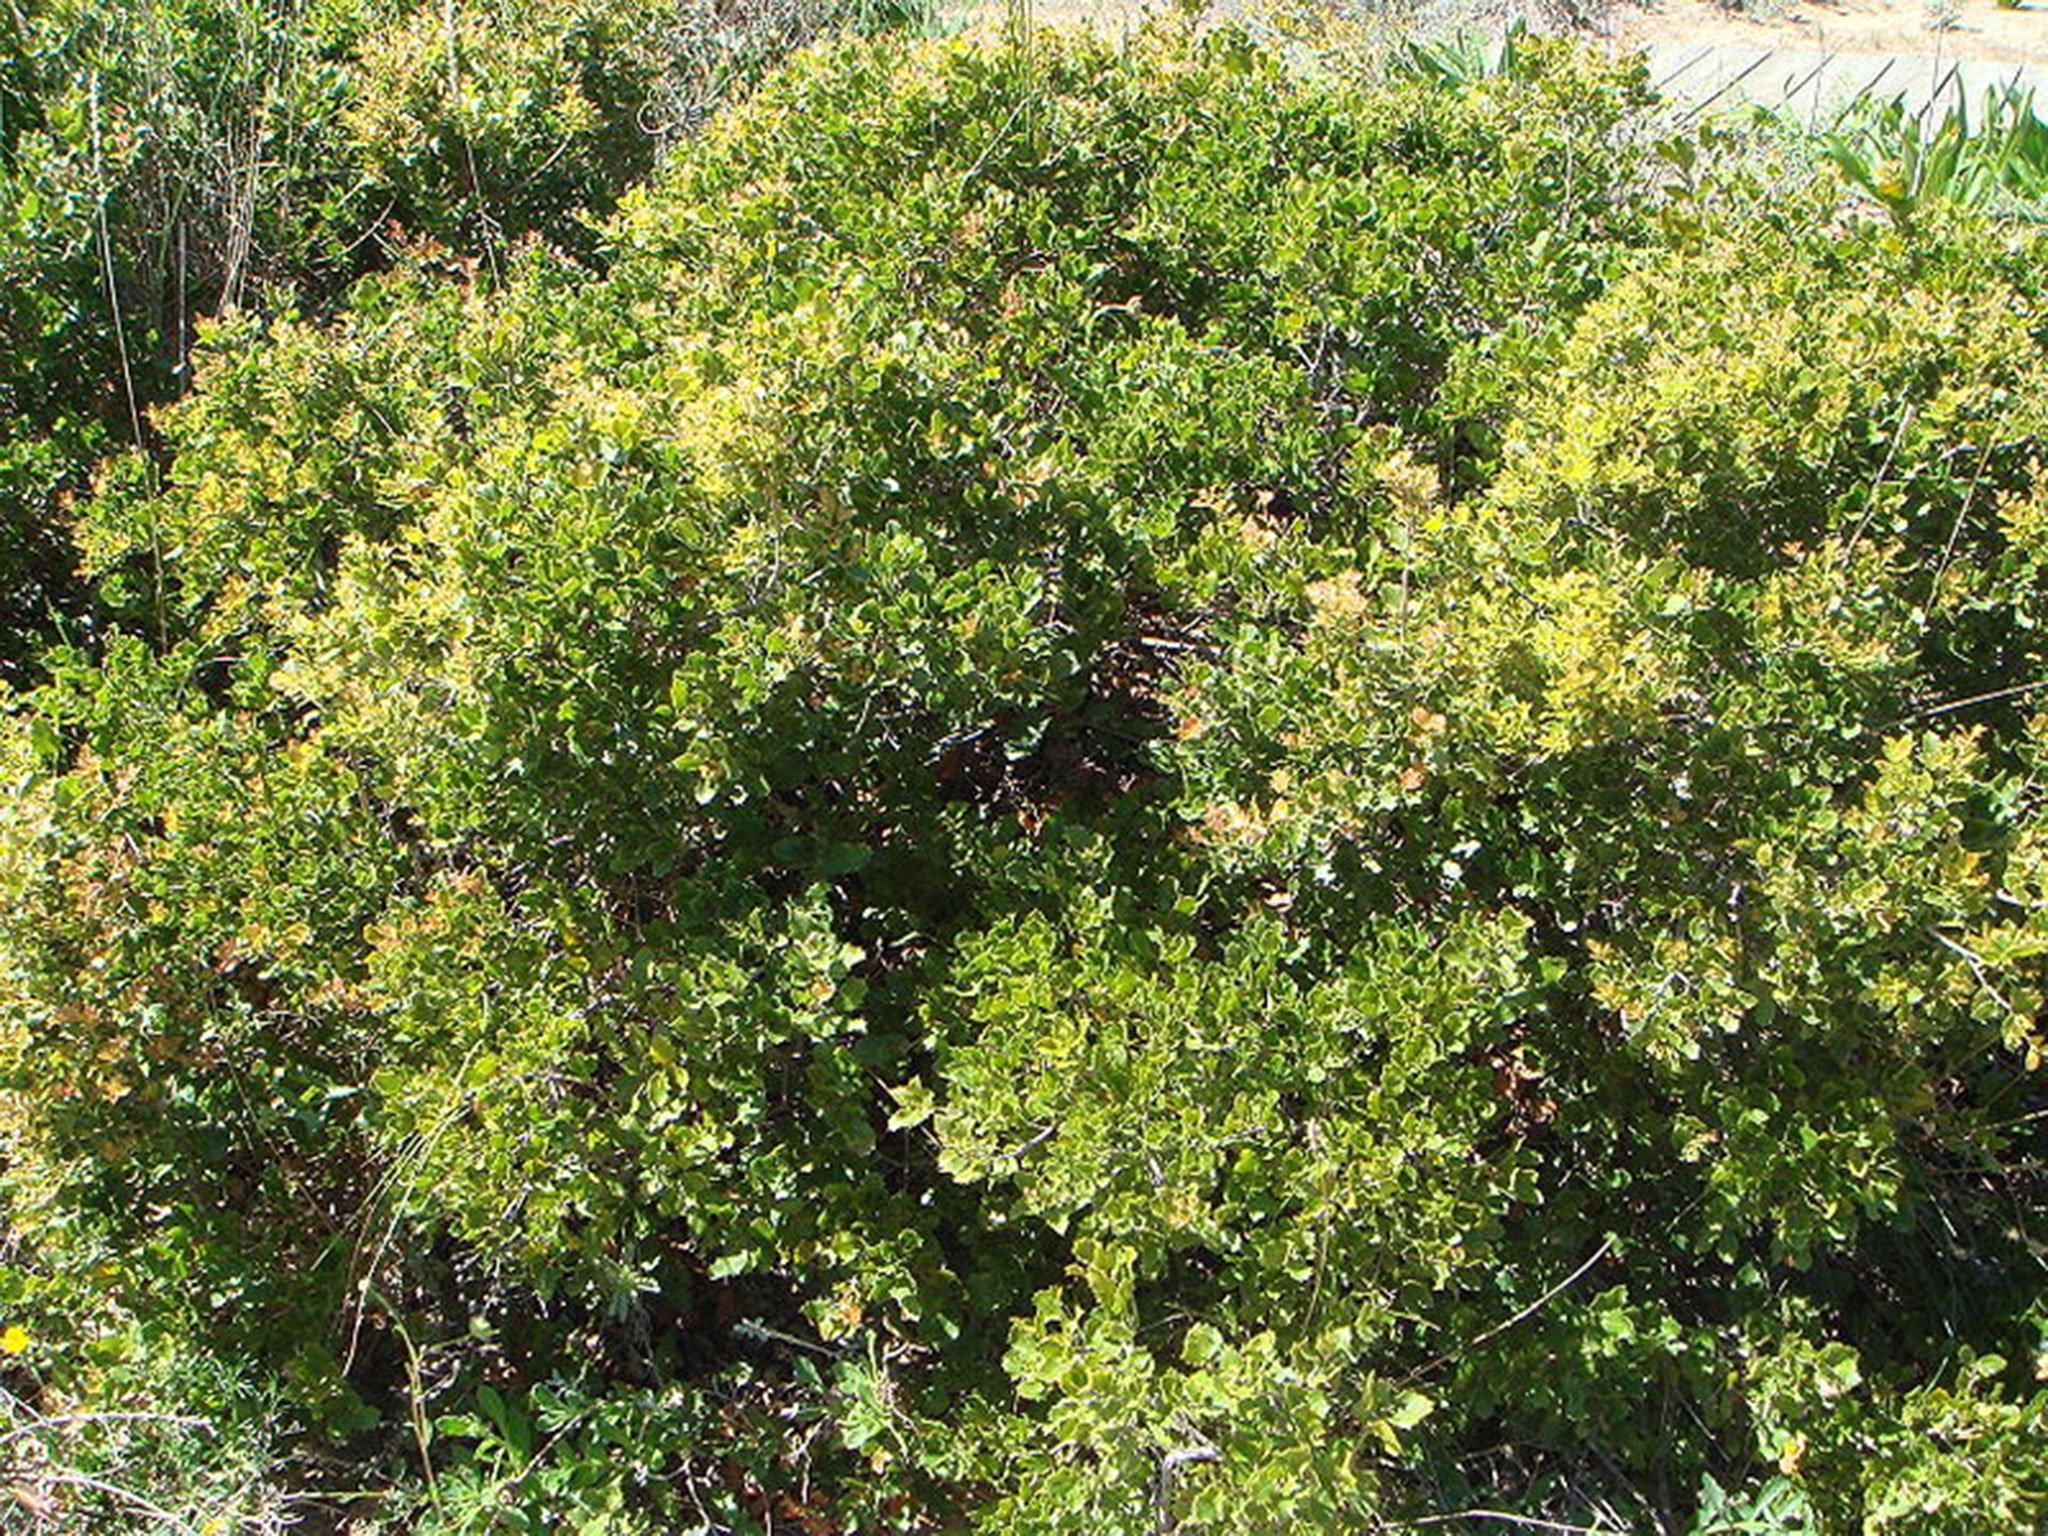 Coscoja o coscoll (en valencià). Fuente: Wikipedia